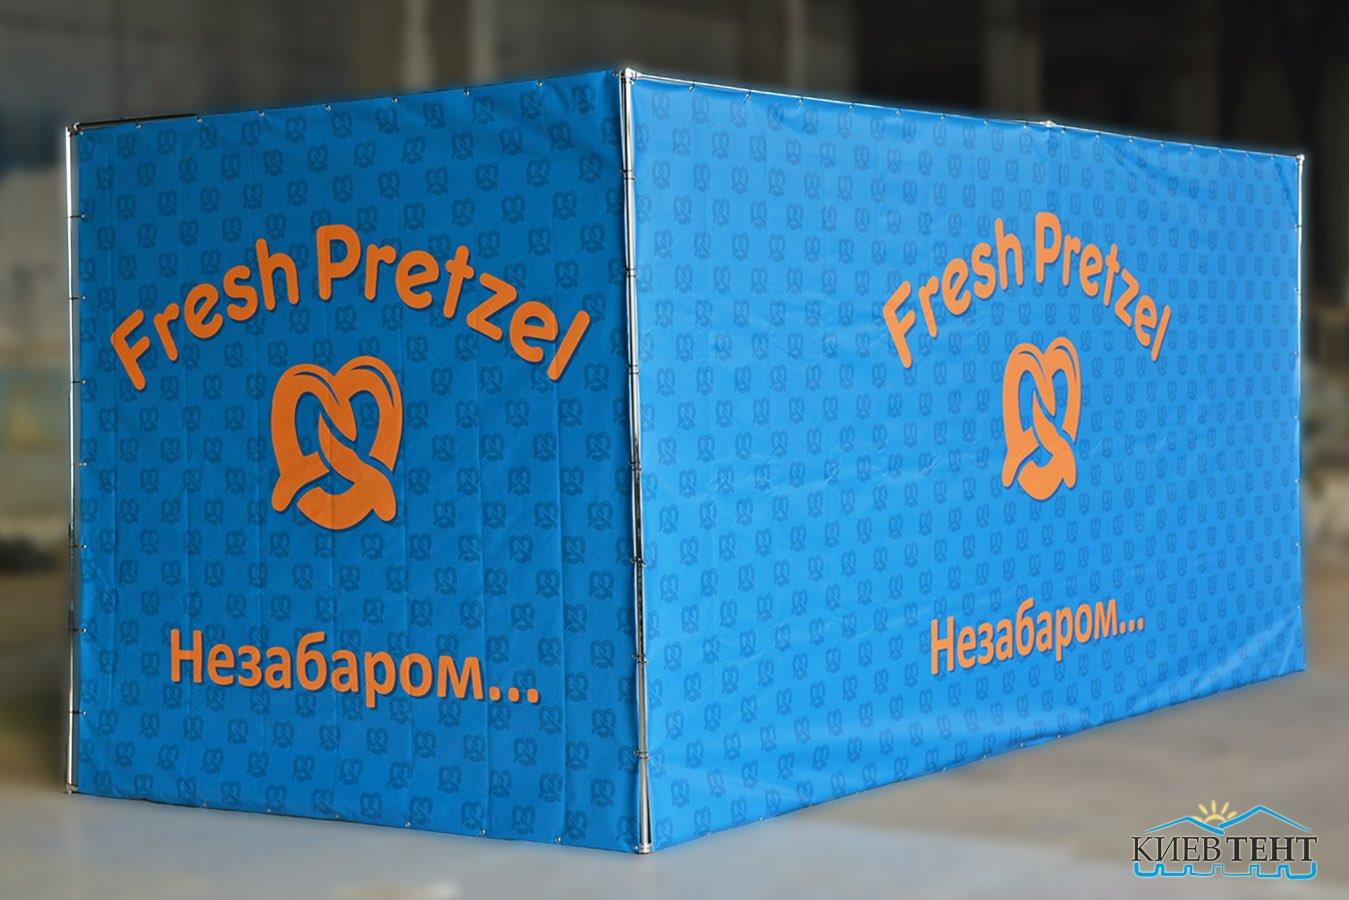 Баннер FreshPretze